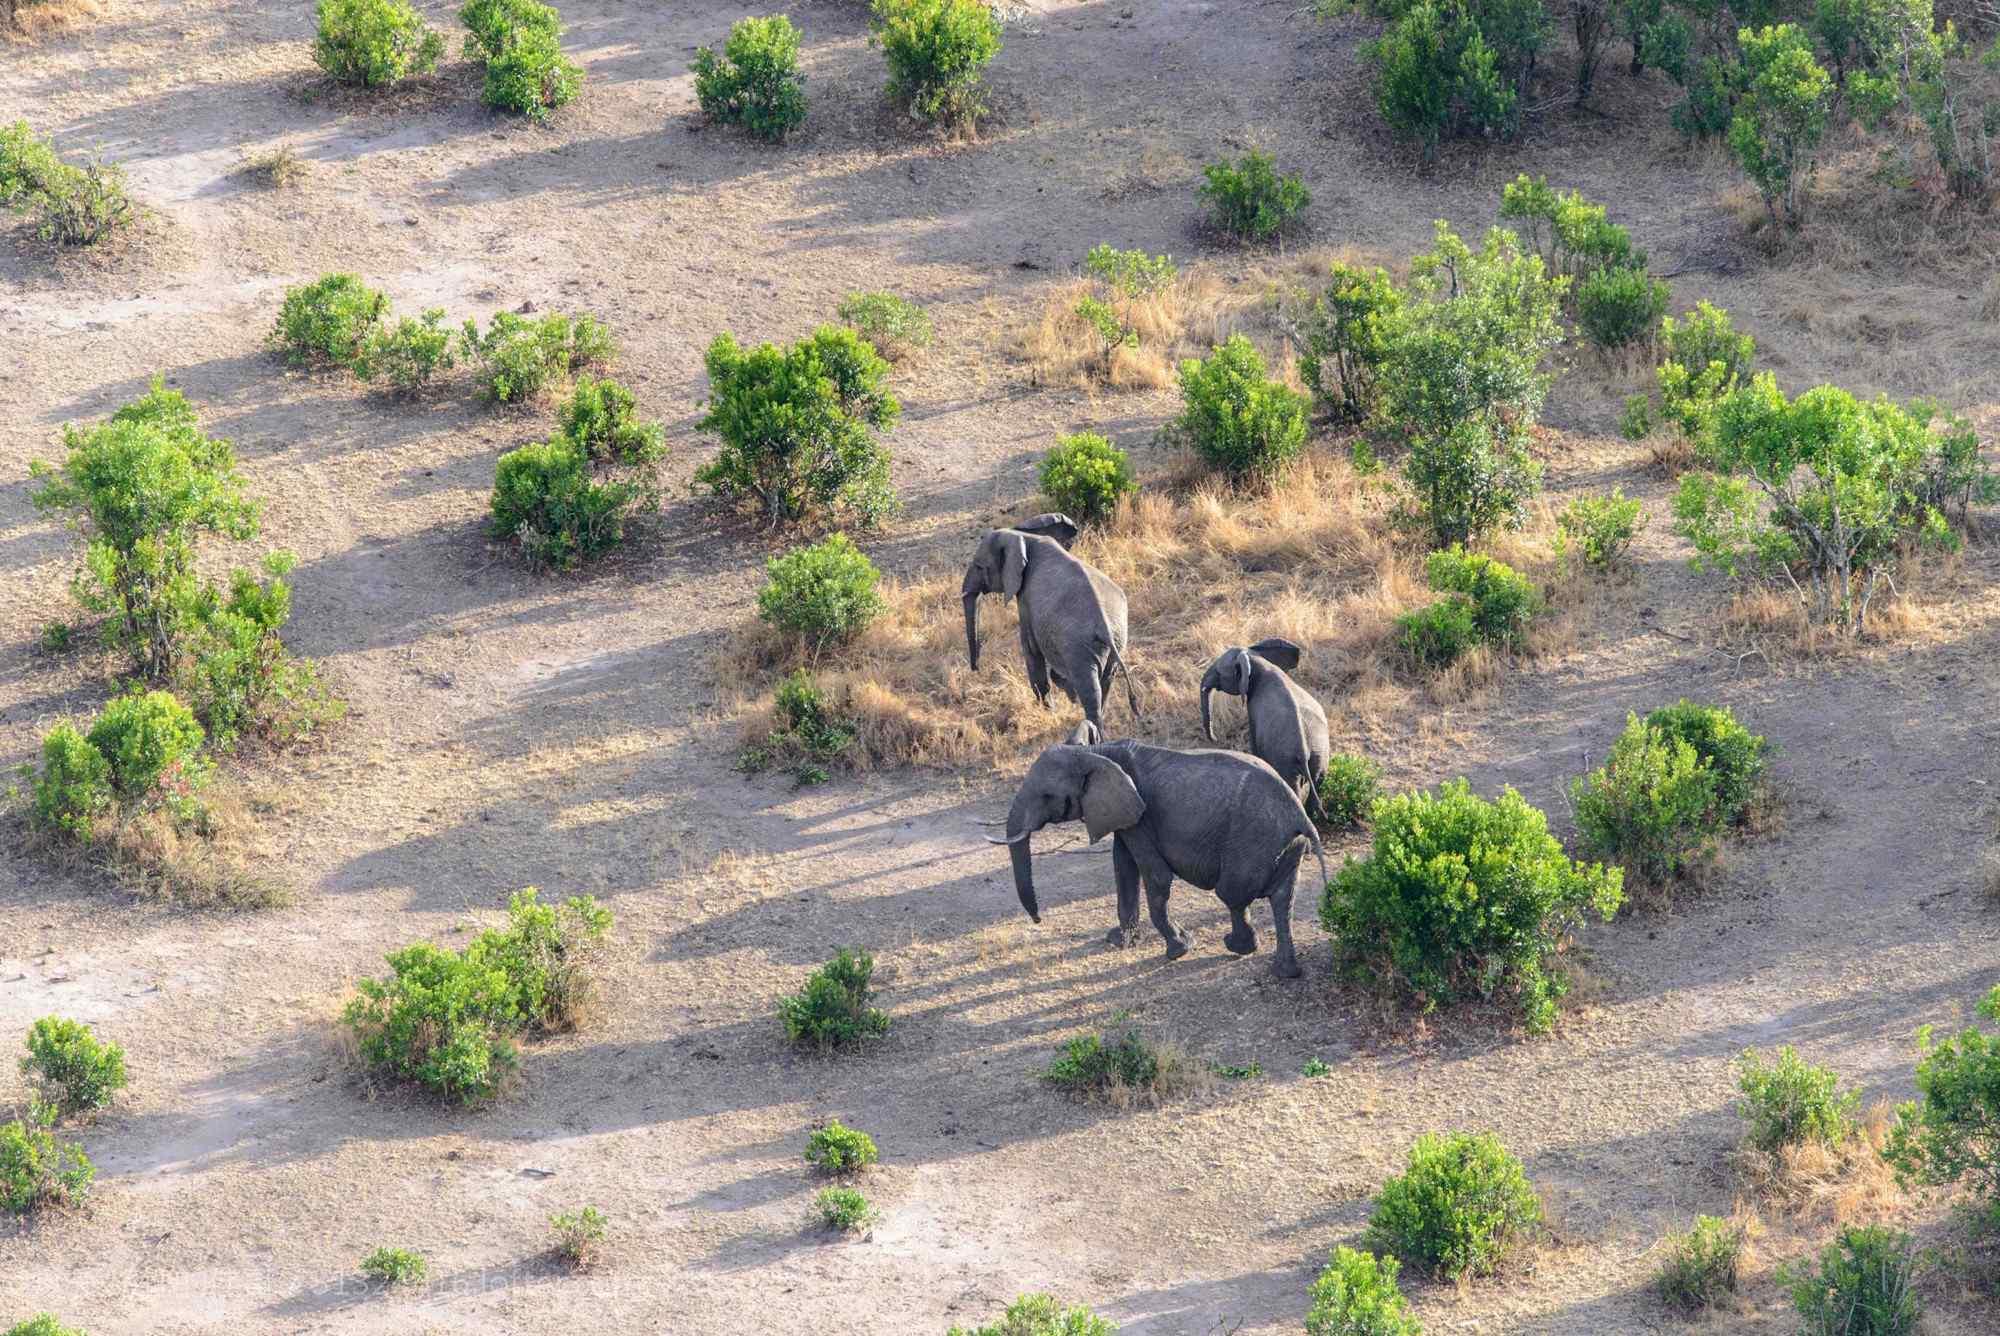 非洲草原上迁徙的大象桌面壁纸